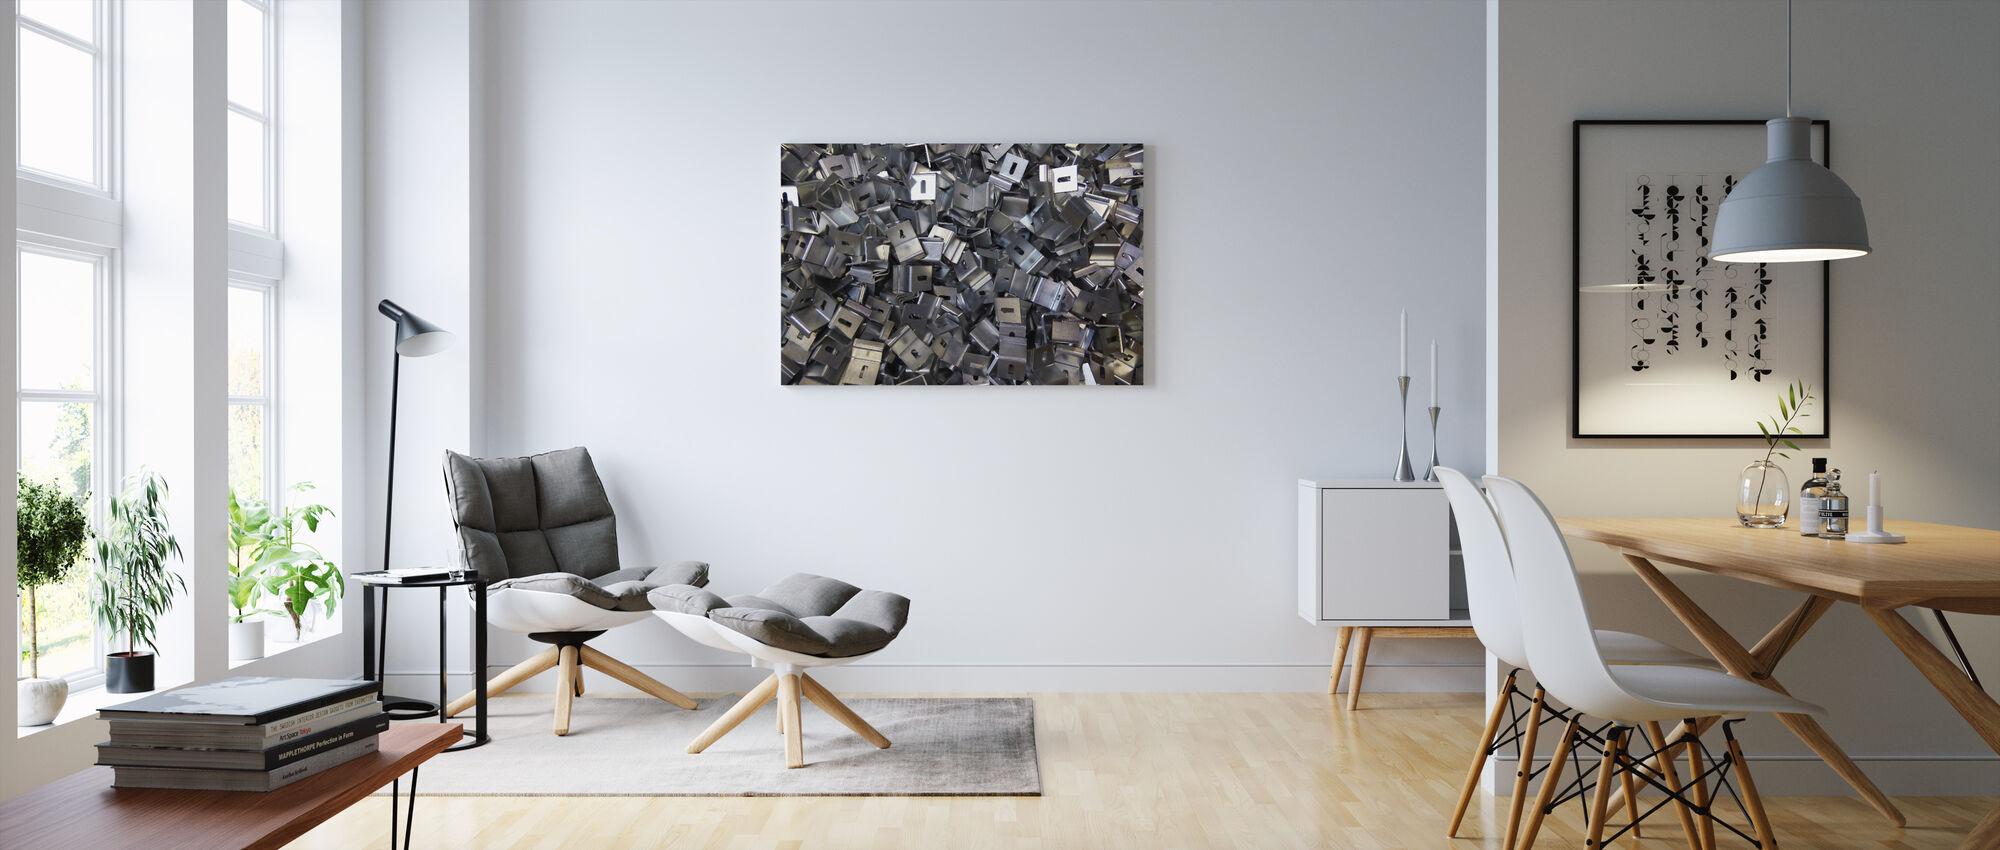 Metal Angle Chaos 2 - Canvas print - Living Room